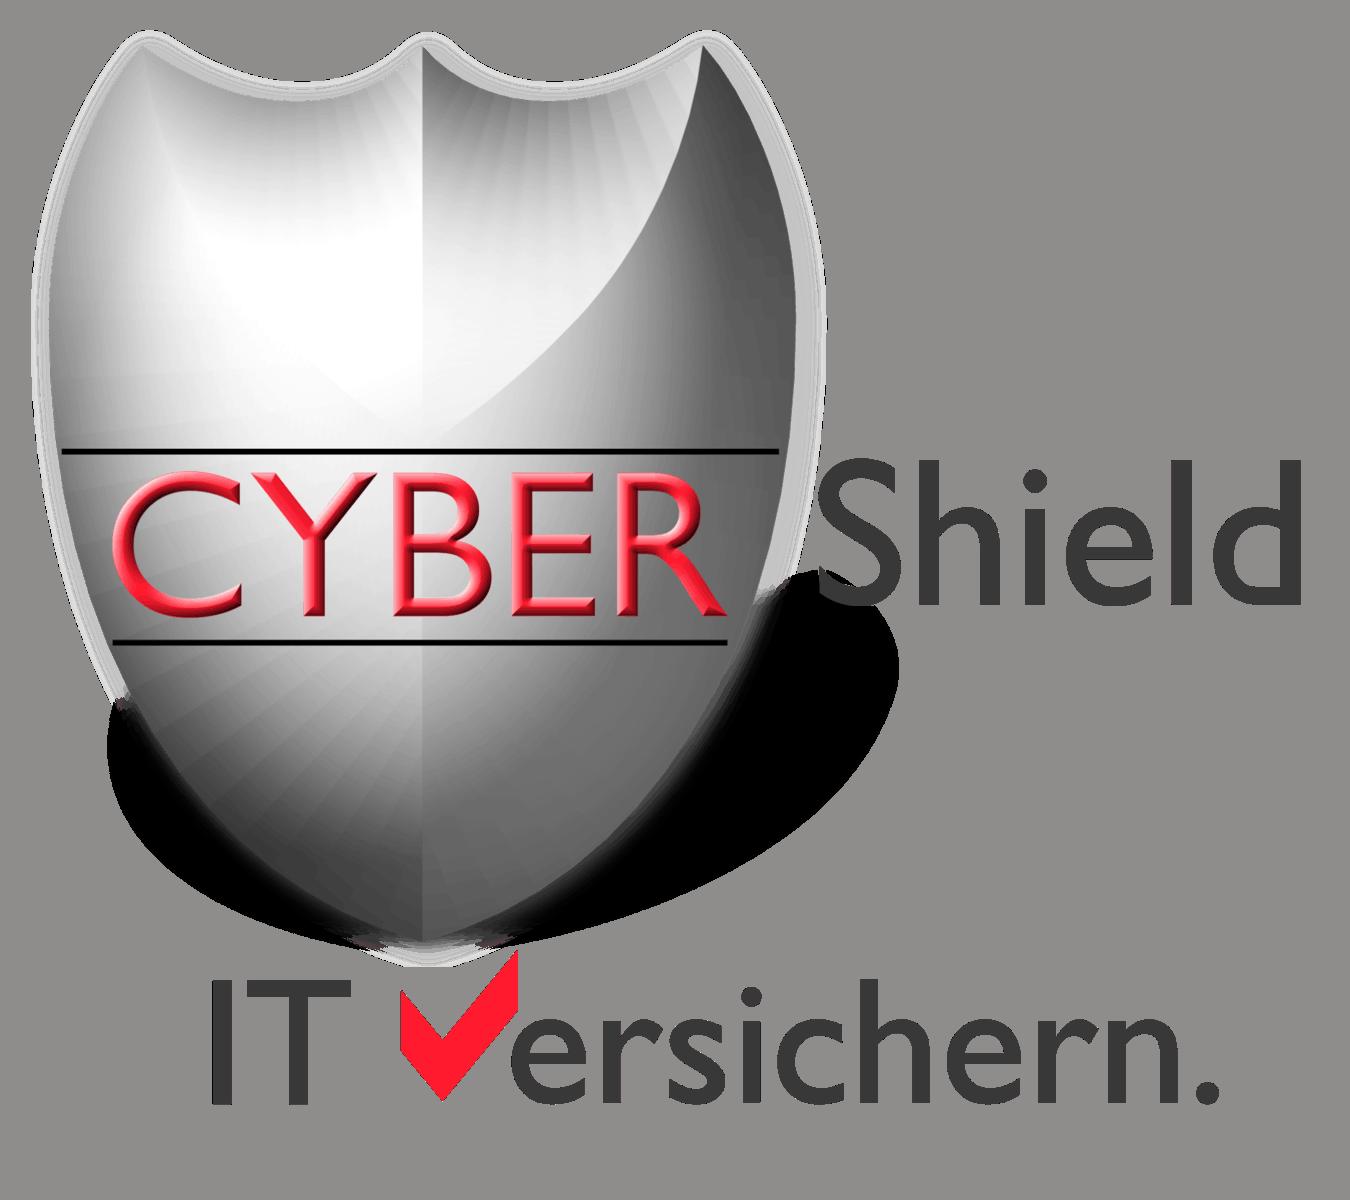 Cyber Shield mit Spruch